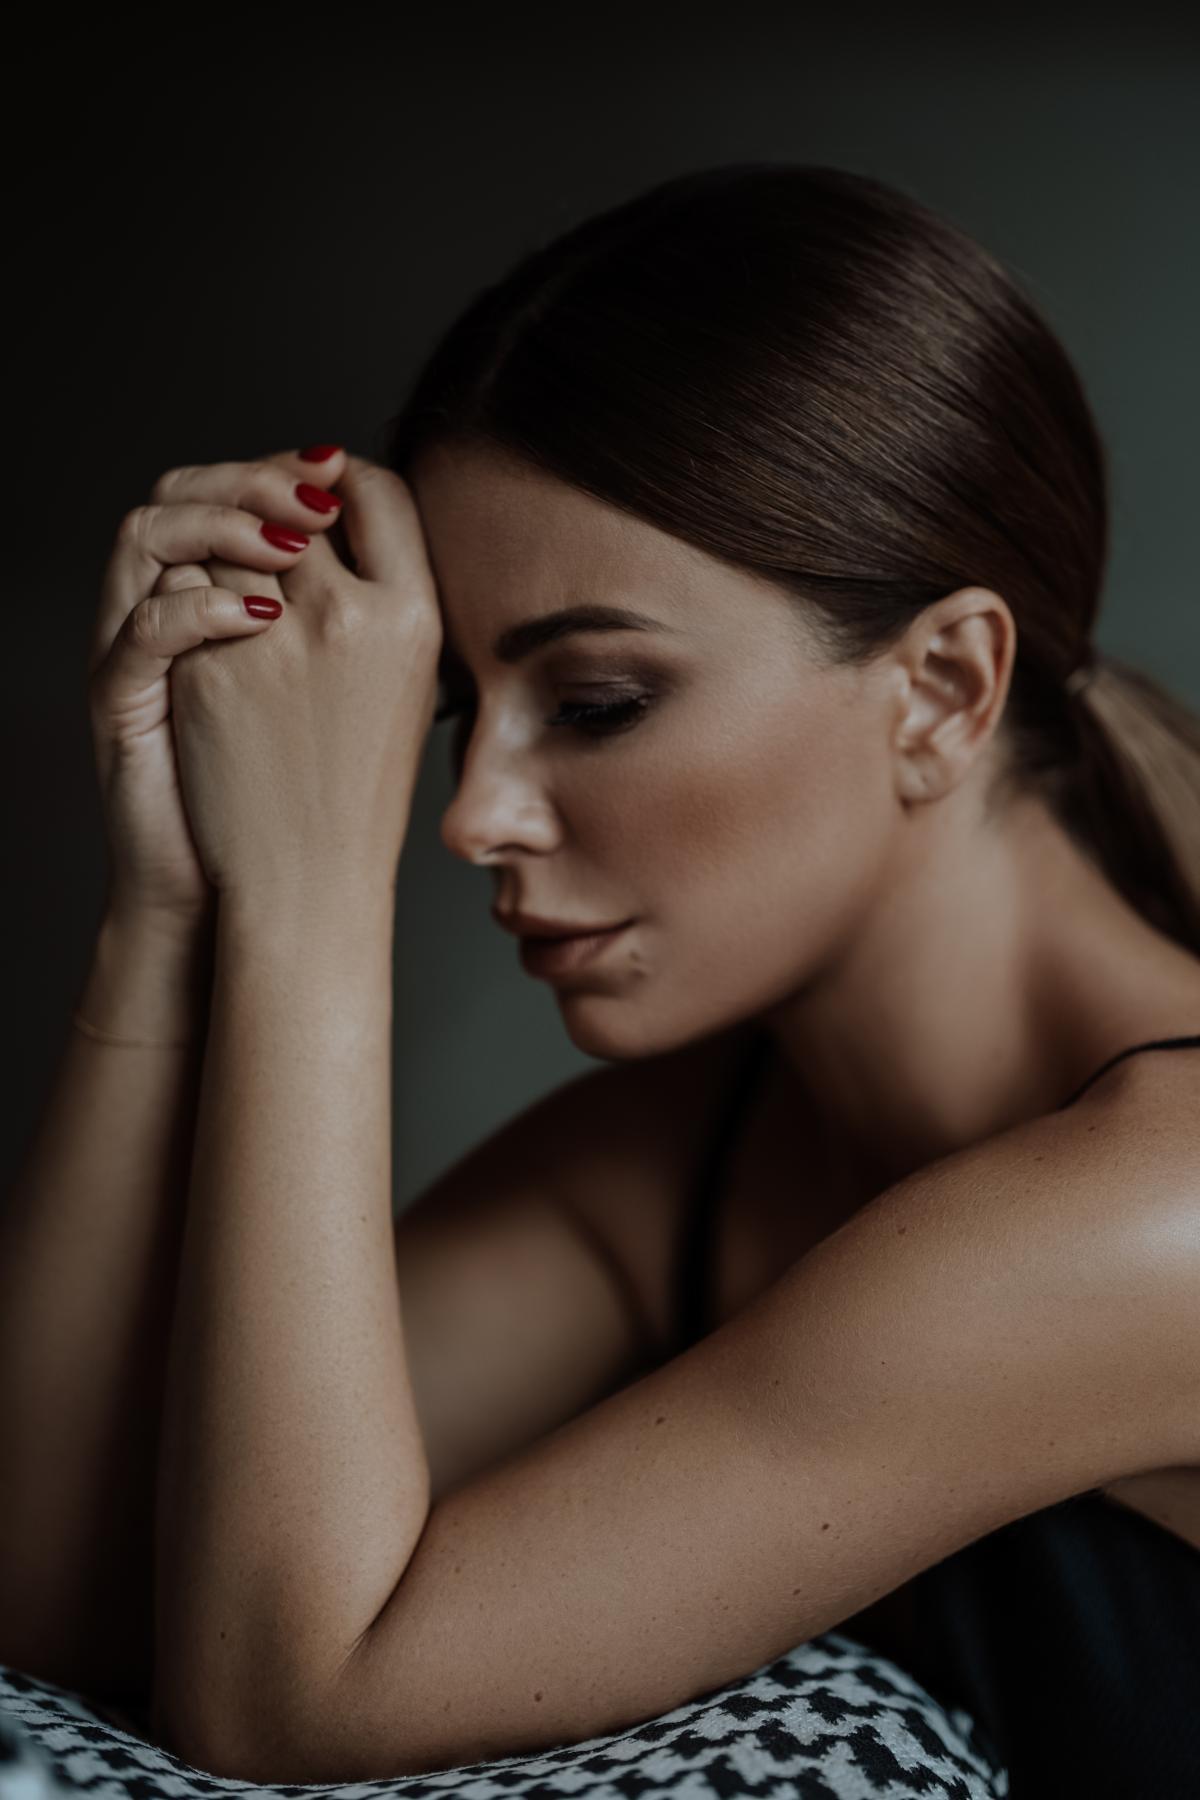 Песня рассказывает о чувствах влюблённых людей / пресс-служба Ани Лорак